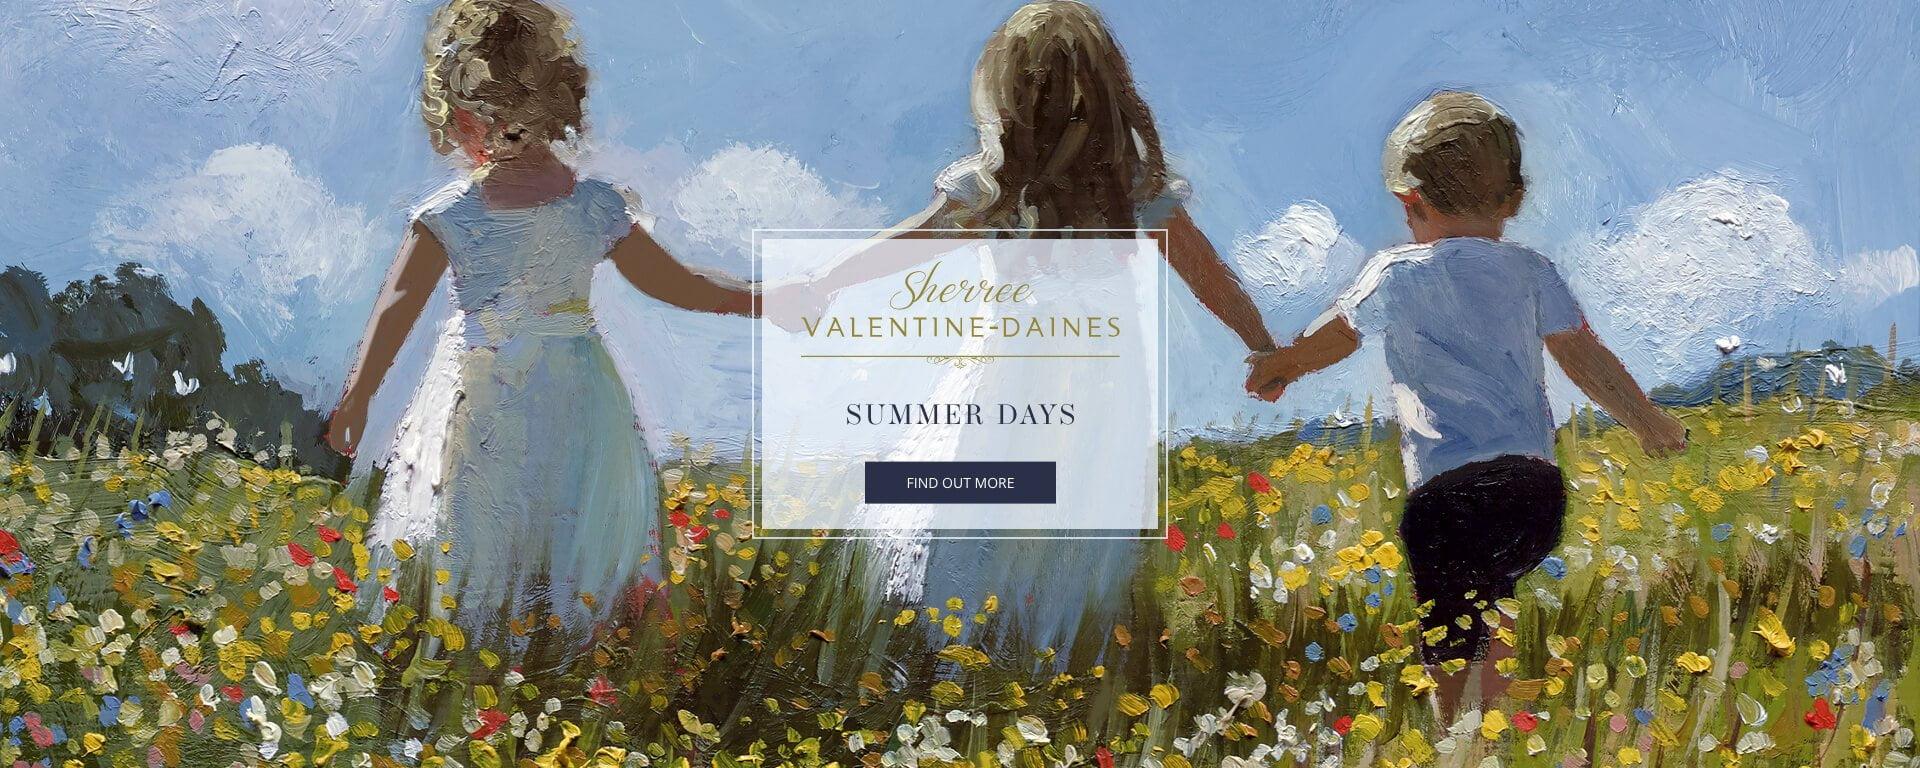 Summer Days by Sherree Valentine Daines